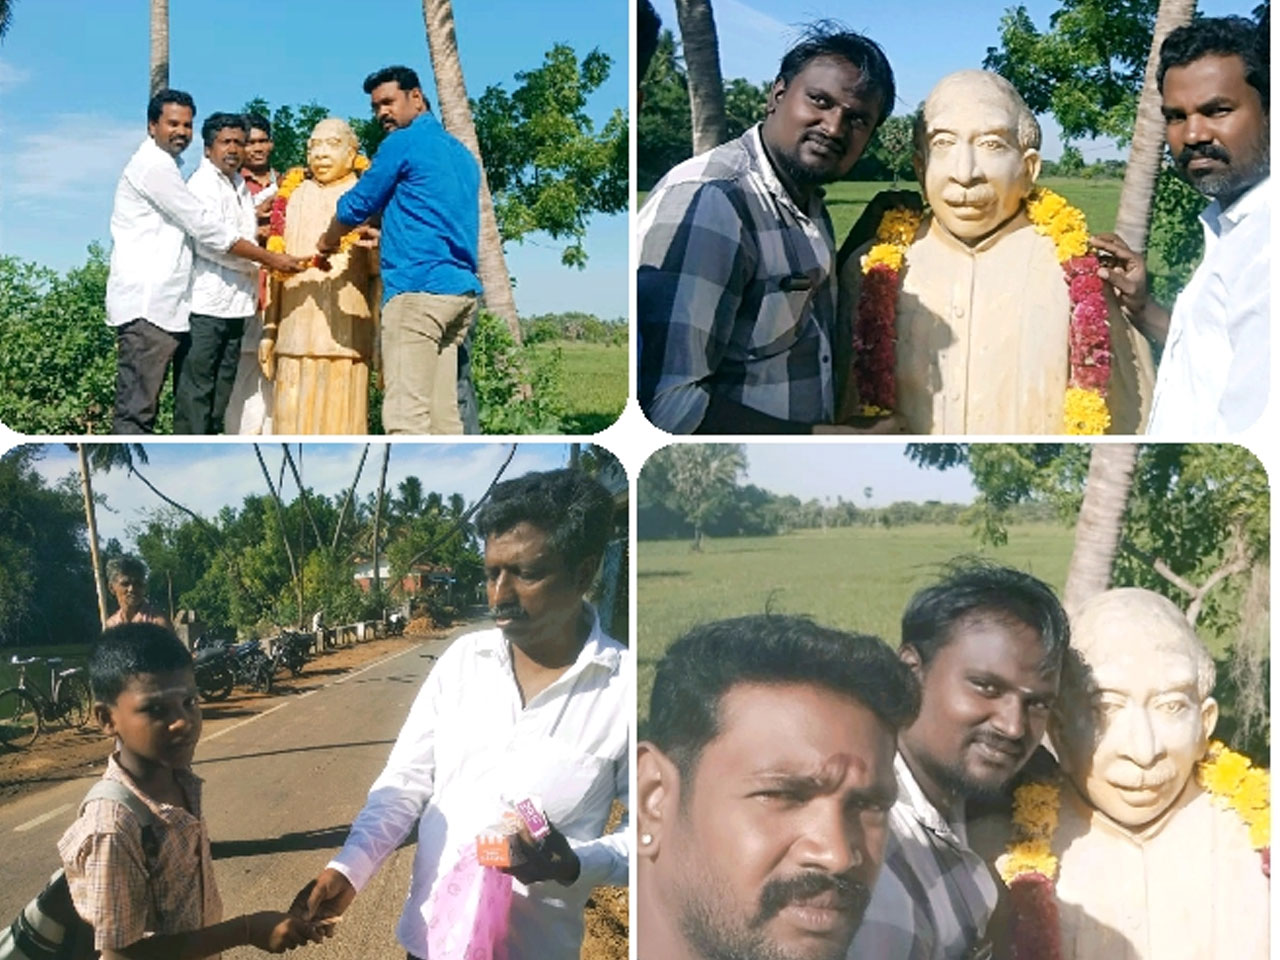 காமராசர் புகழ் வணக்கம்-திருவிடைமருதூர் சட்டமன்றத் தொகுதி